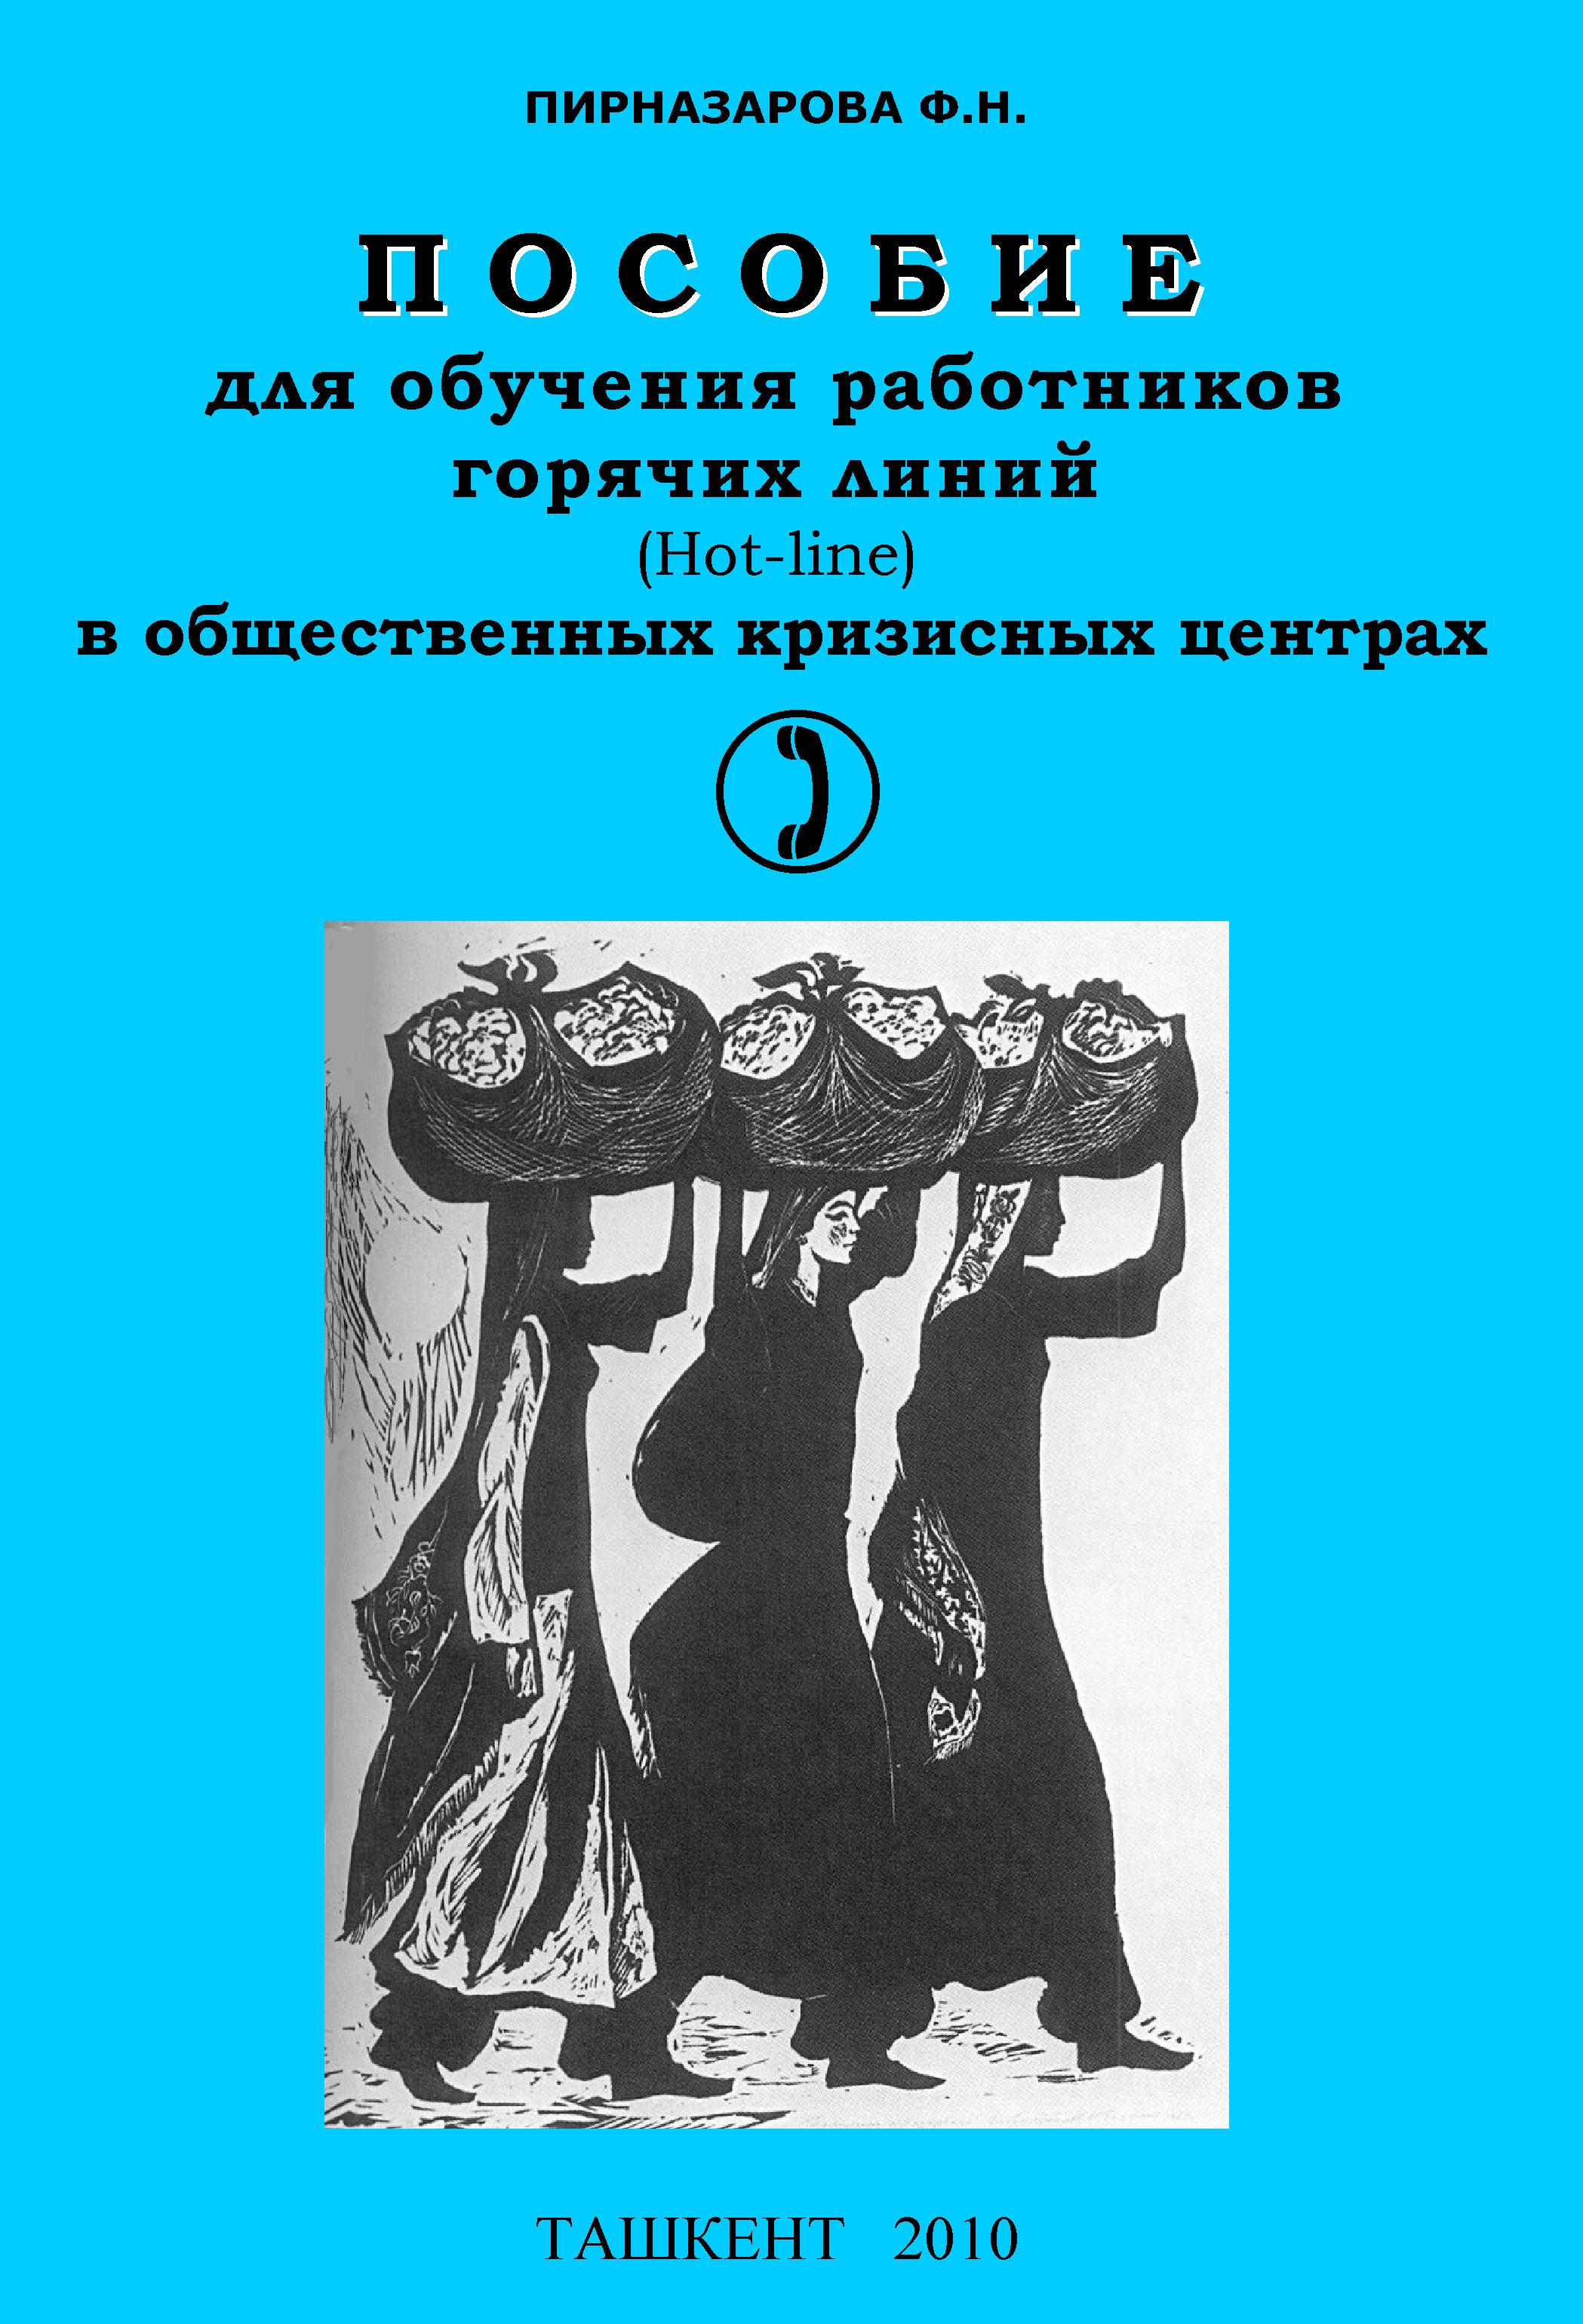 Флора Пирназарова Пособие для обучения работников горячих линий в общественных кризисных центрах все цены